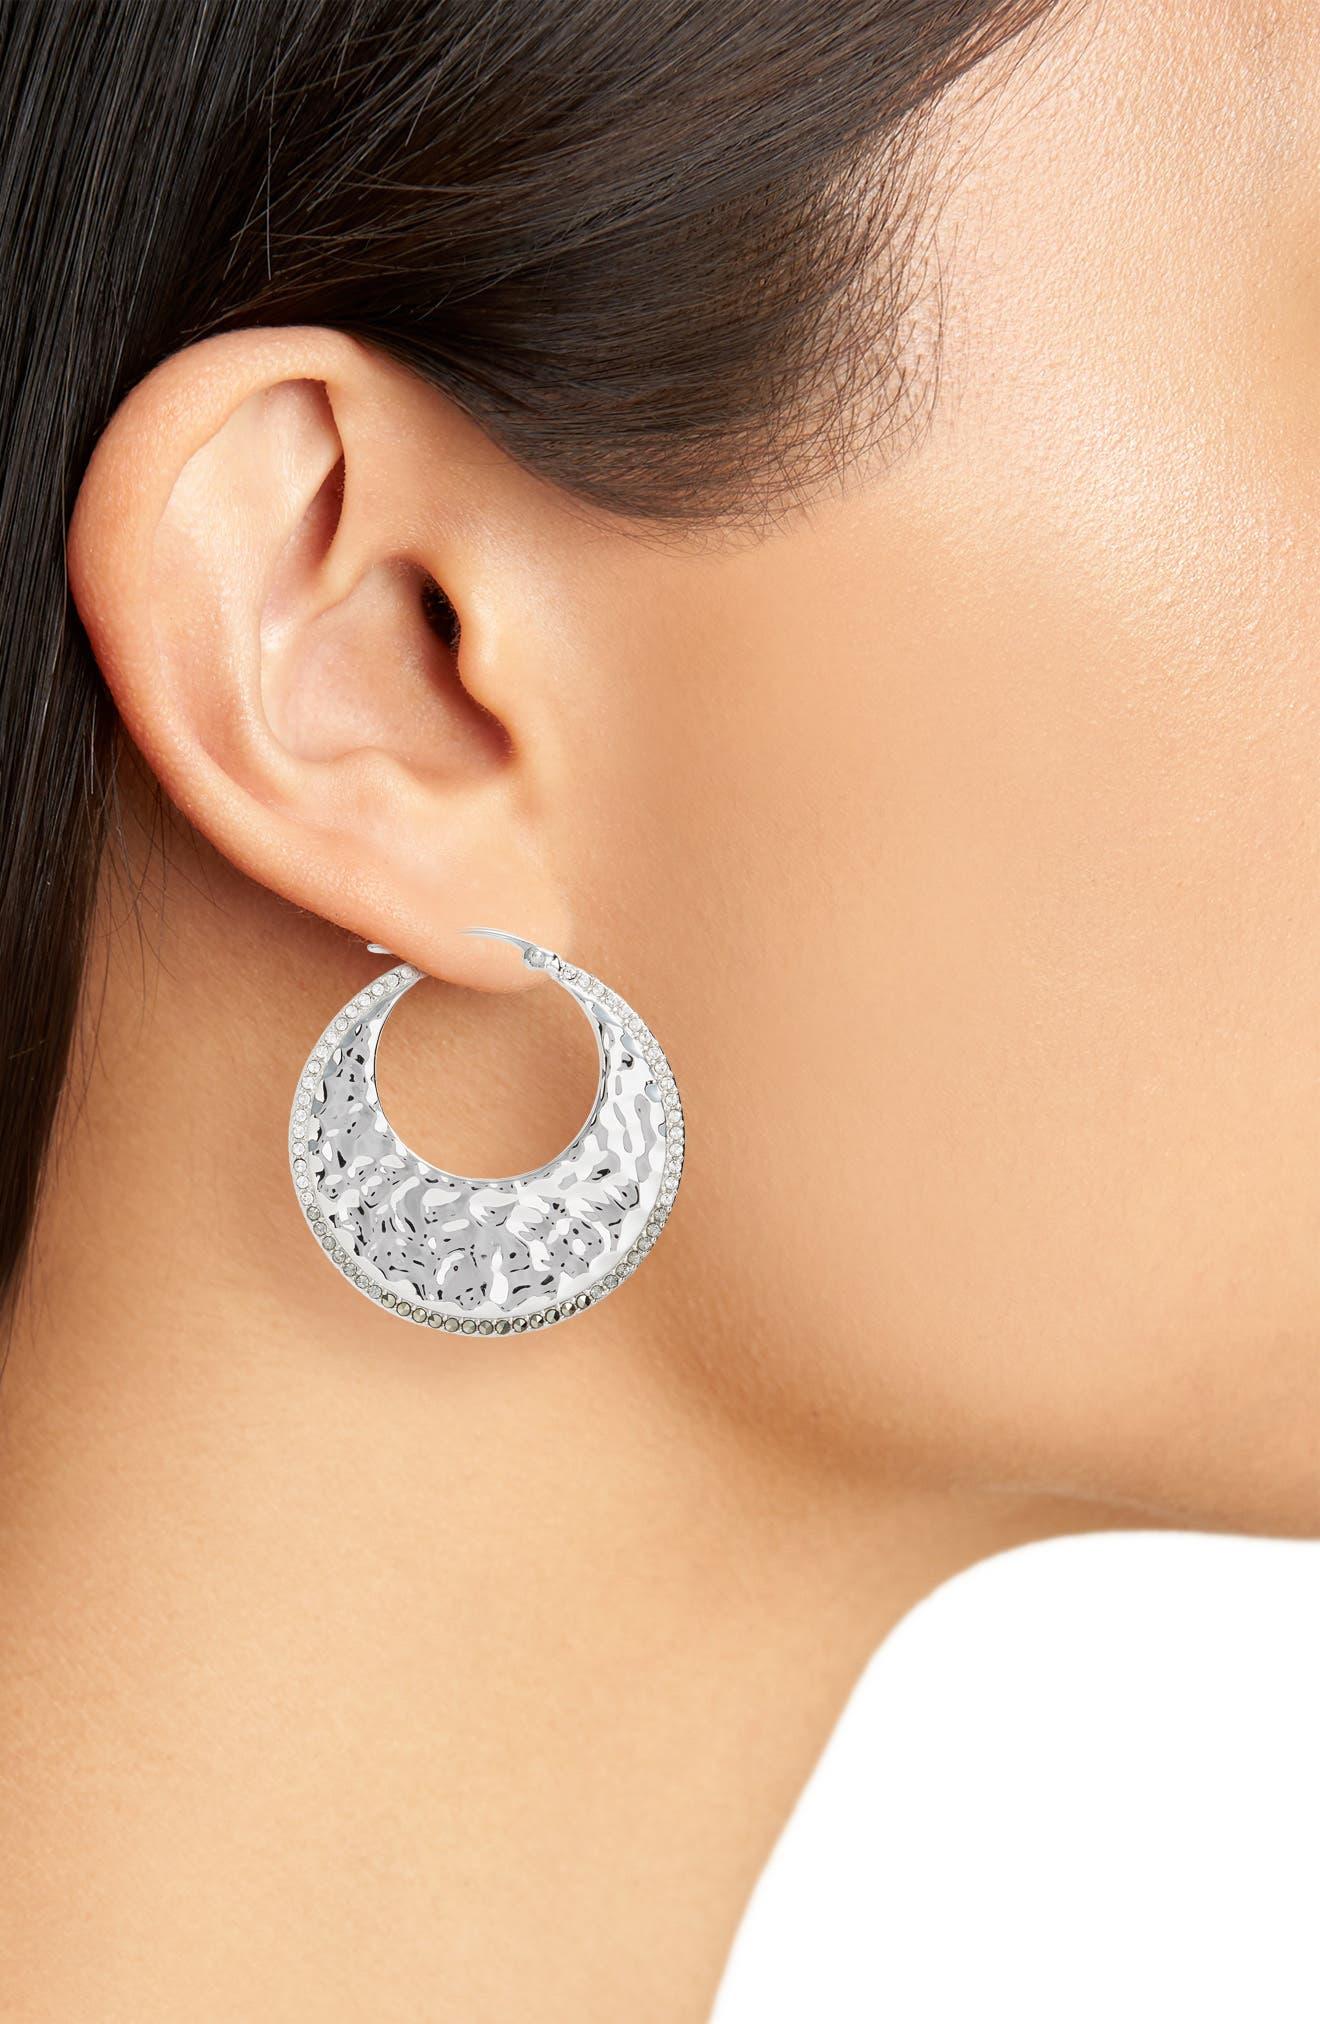 Hammered Hoop Earrings,                             Alternate thumbnail 2, color,                             Silver